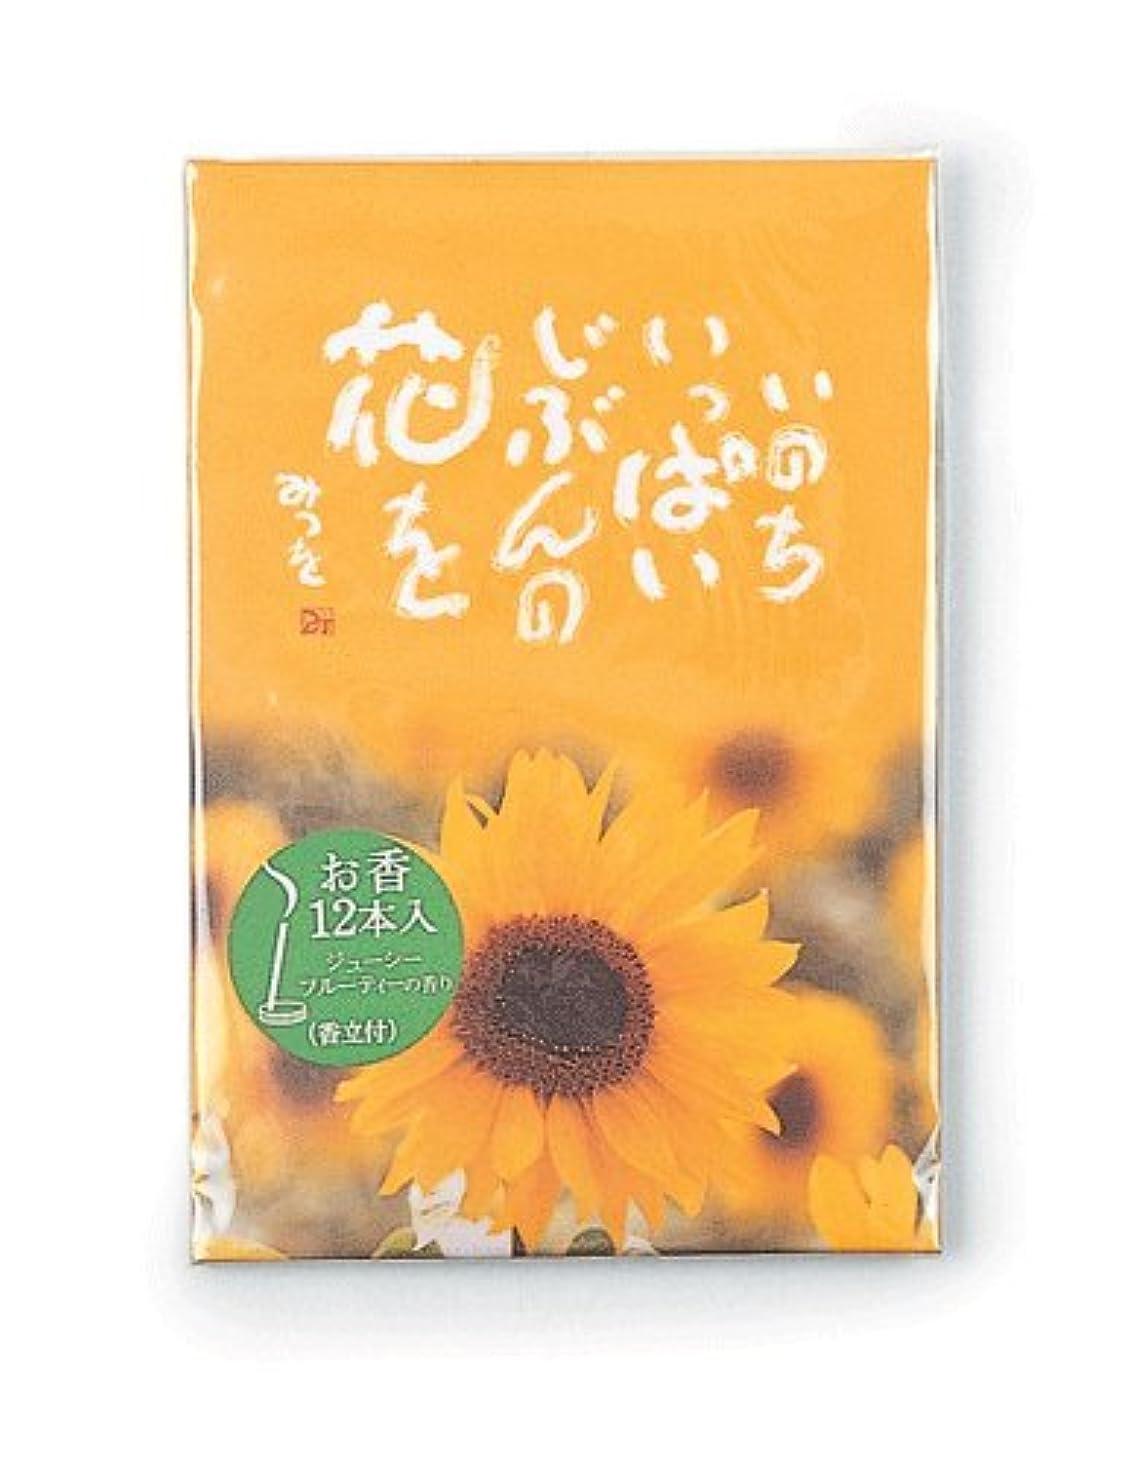 相田みつをのお香 ジューシーフルーティー スティック12本入 【お香】